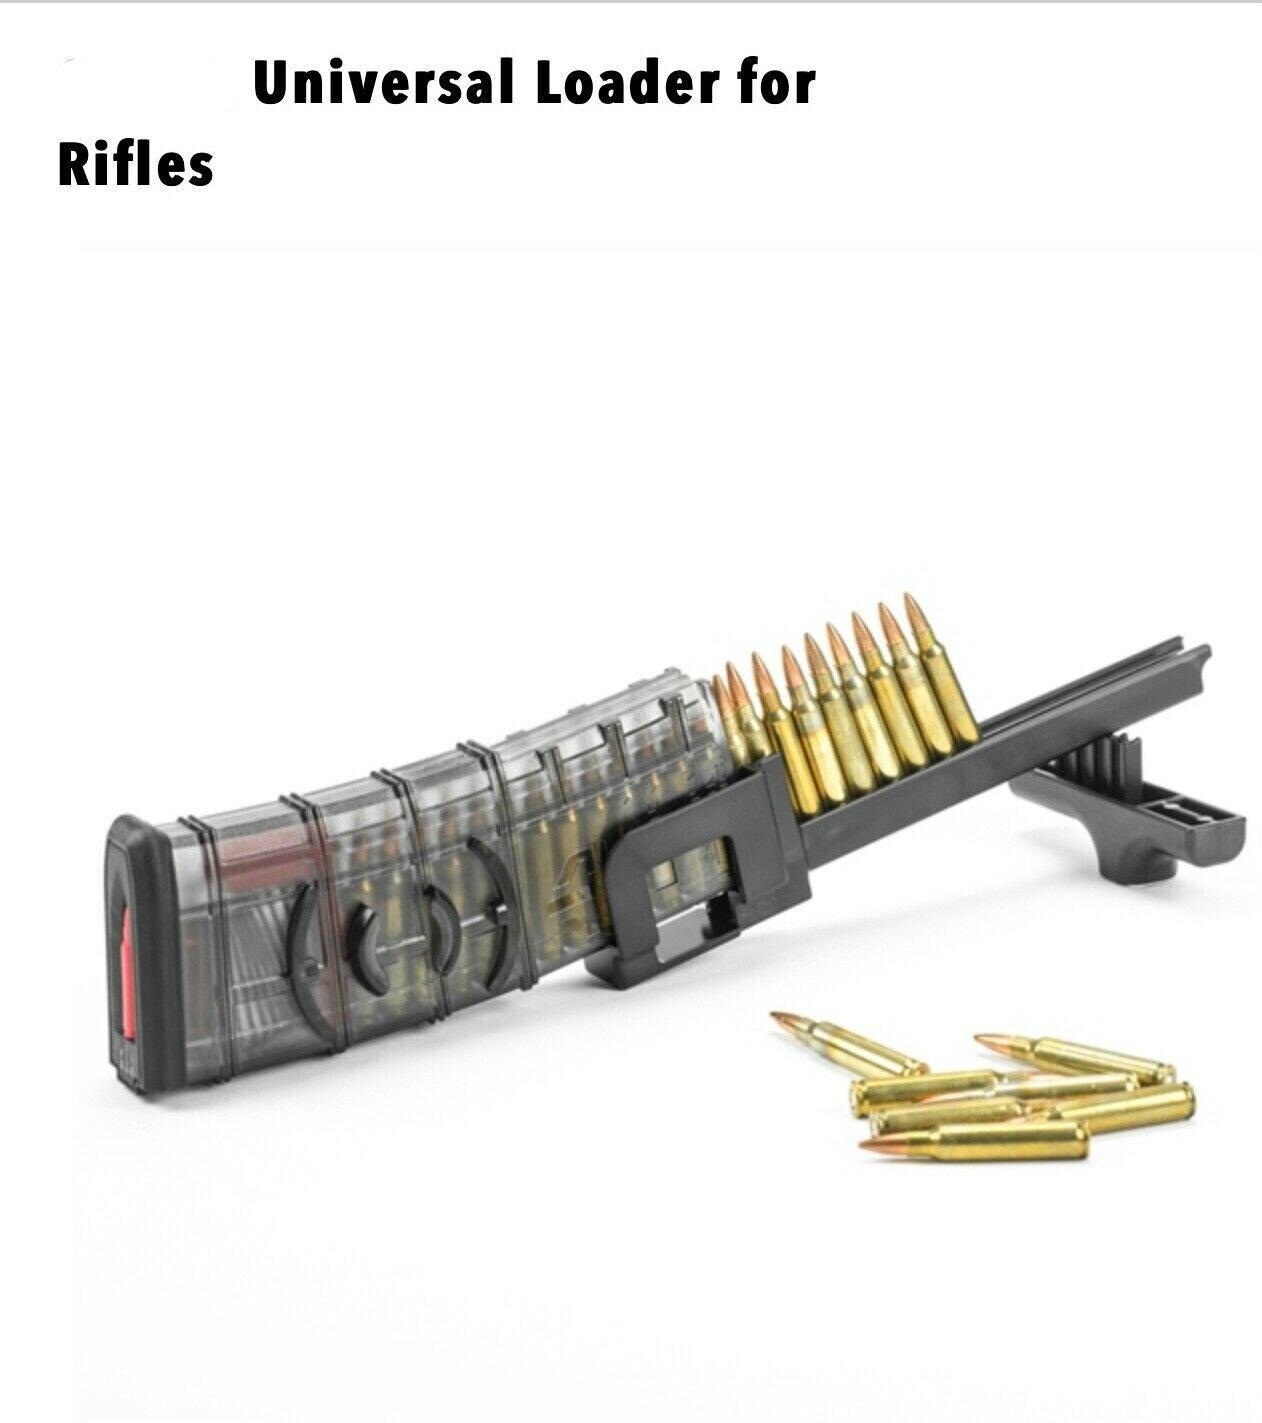 Magorui universal carregador de velocidade para rifle revista universal 223 556 308 762x39 caça arma ruger colt